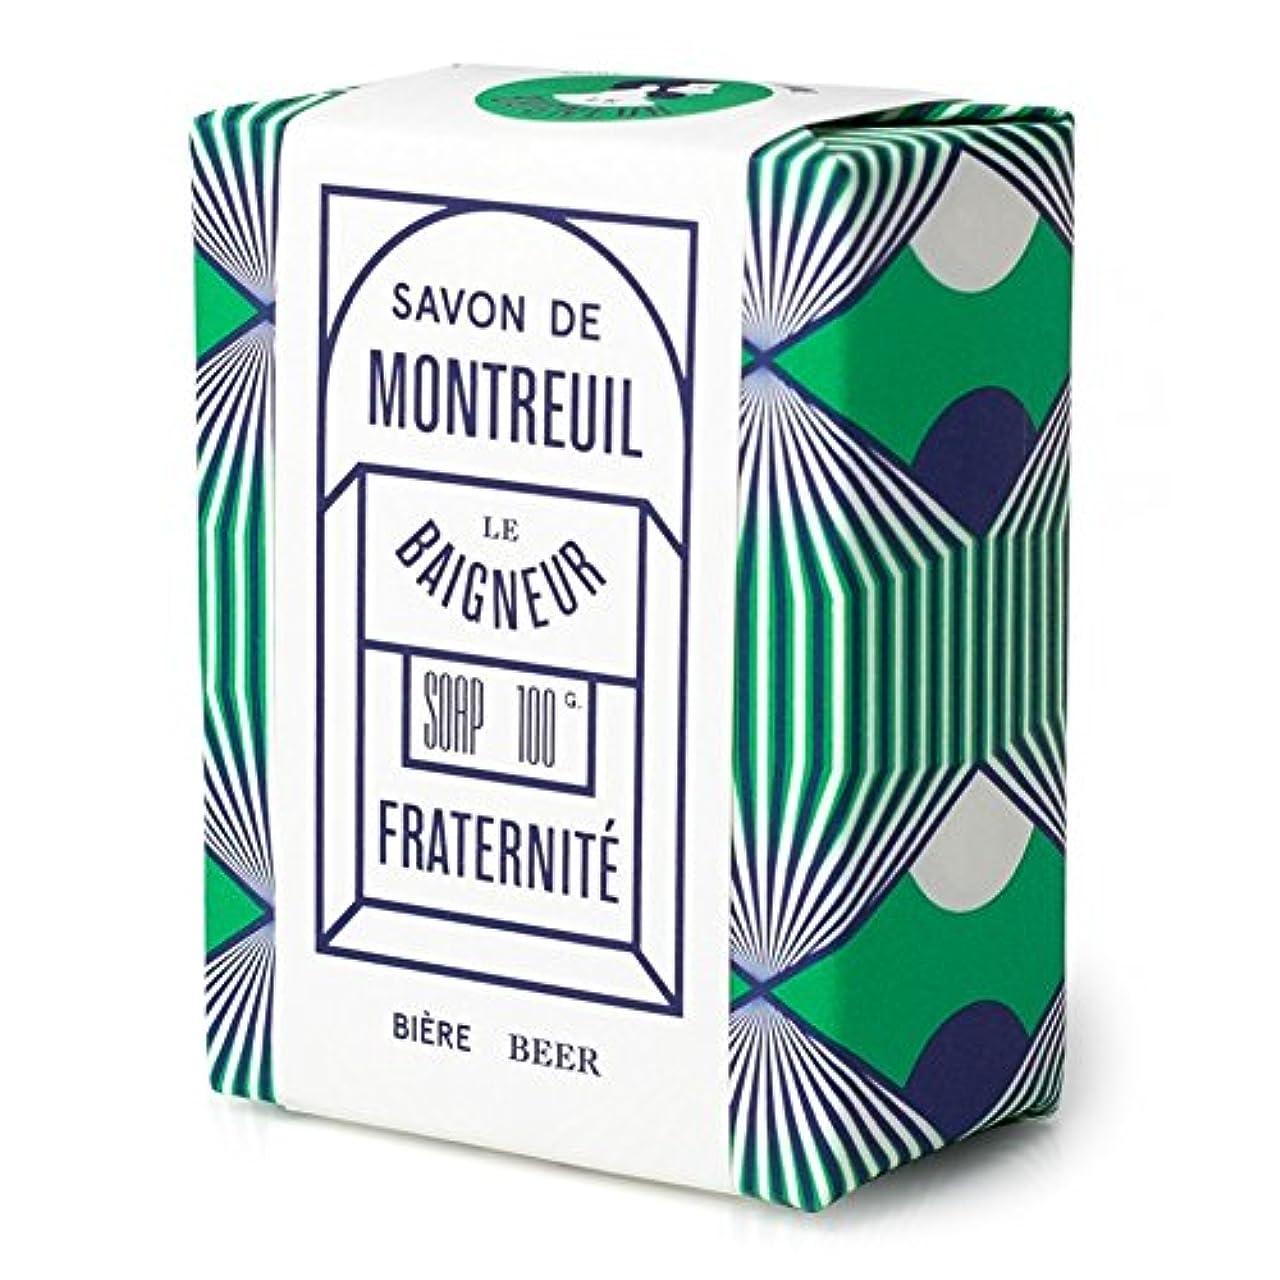 メンテナンス叫ぶ囲いLe Baigneur Fraternite Soap 100g - ル 石鹸100グラム [並行輸入品]